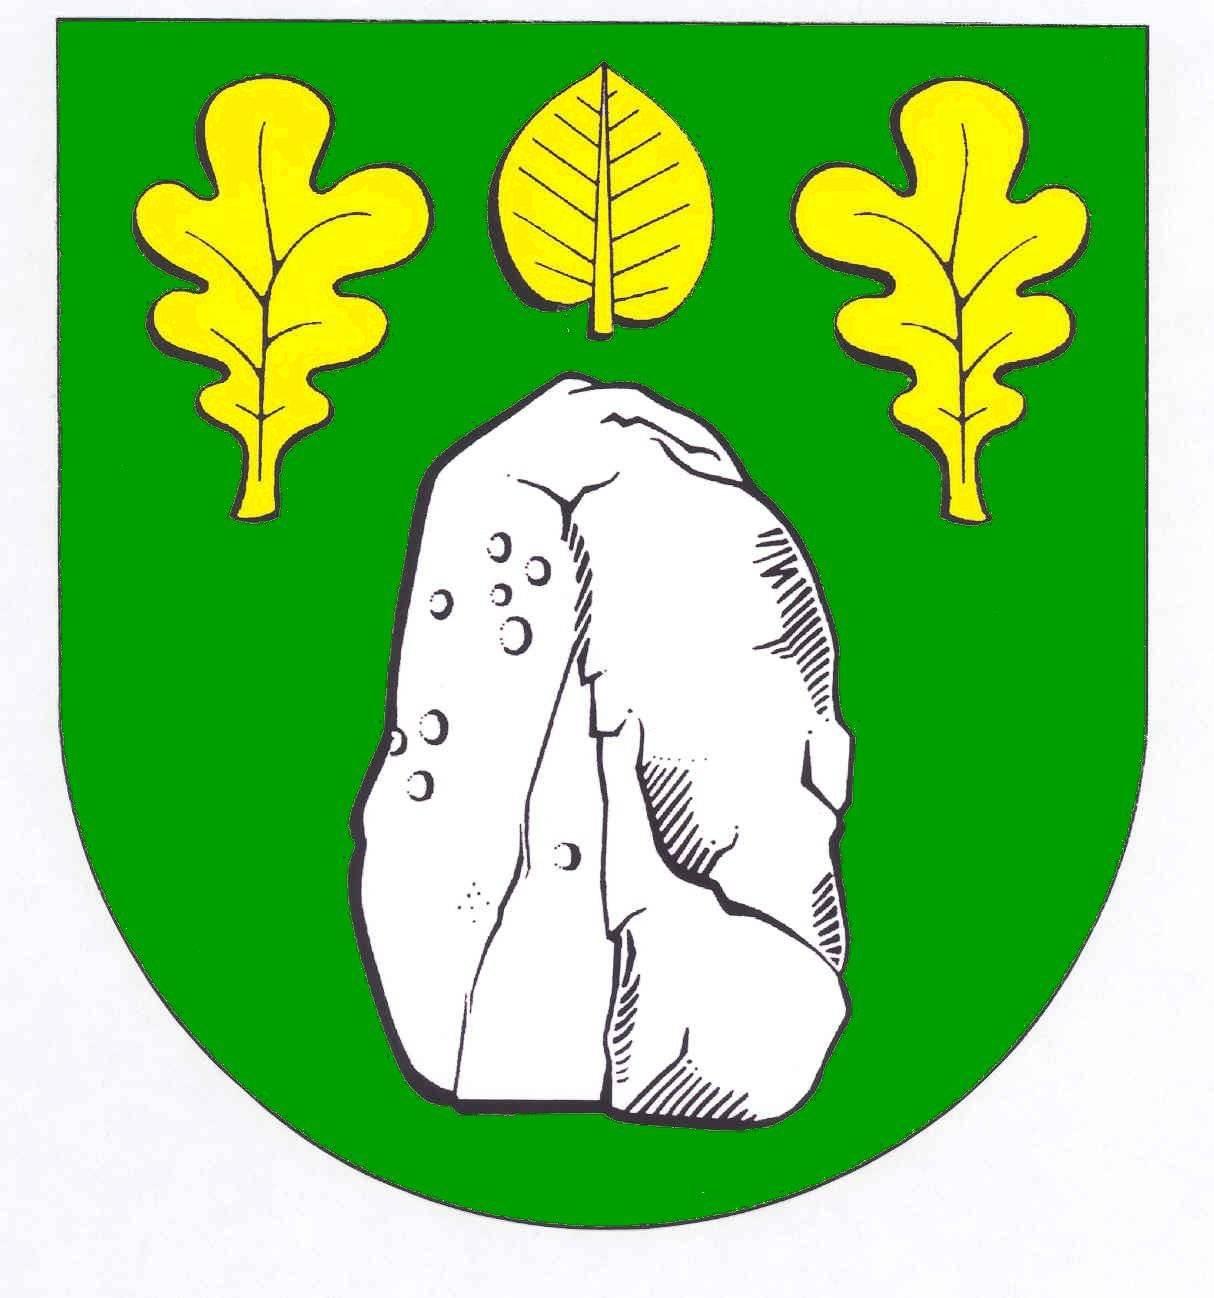 Wappen GemeindeBeringstedt, Kreis Rendsburg-Eckernförde